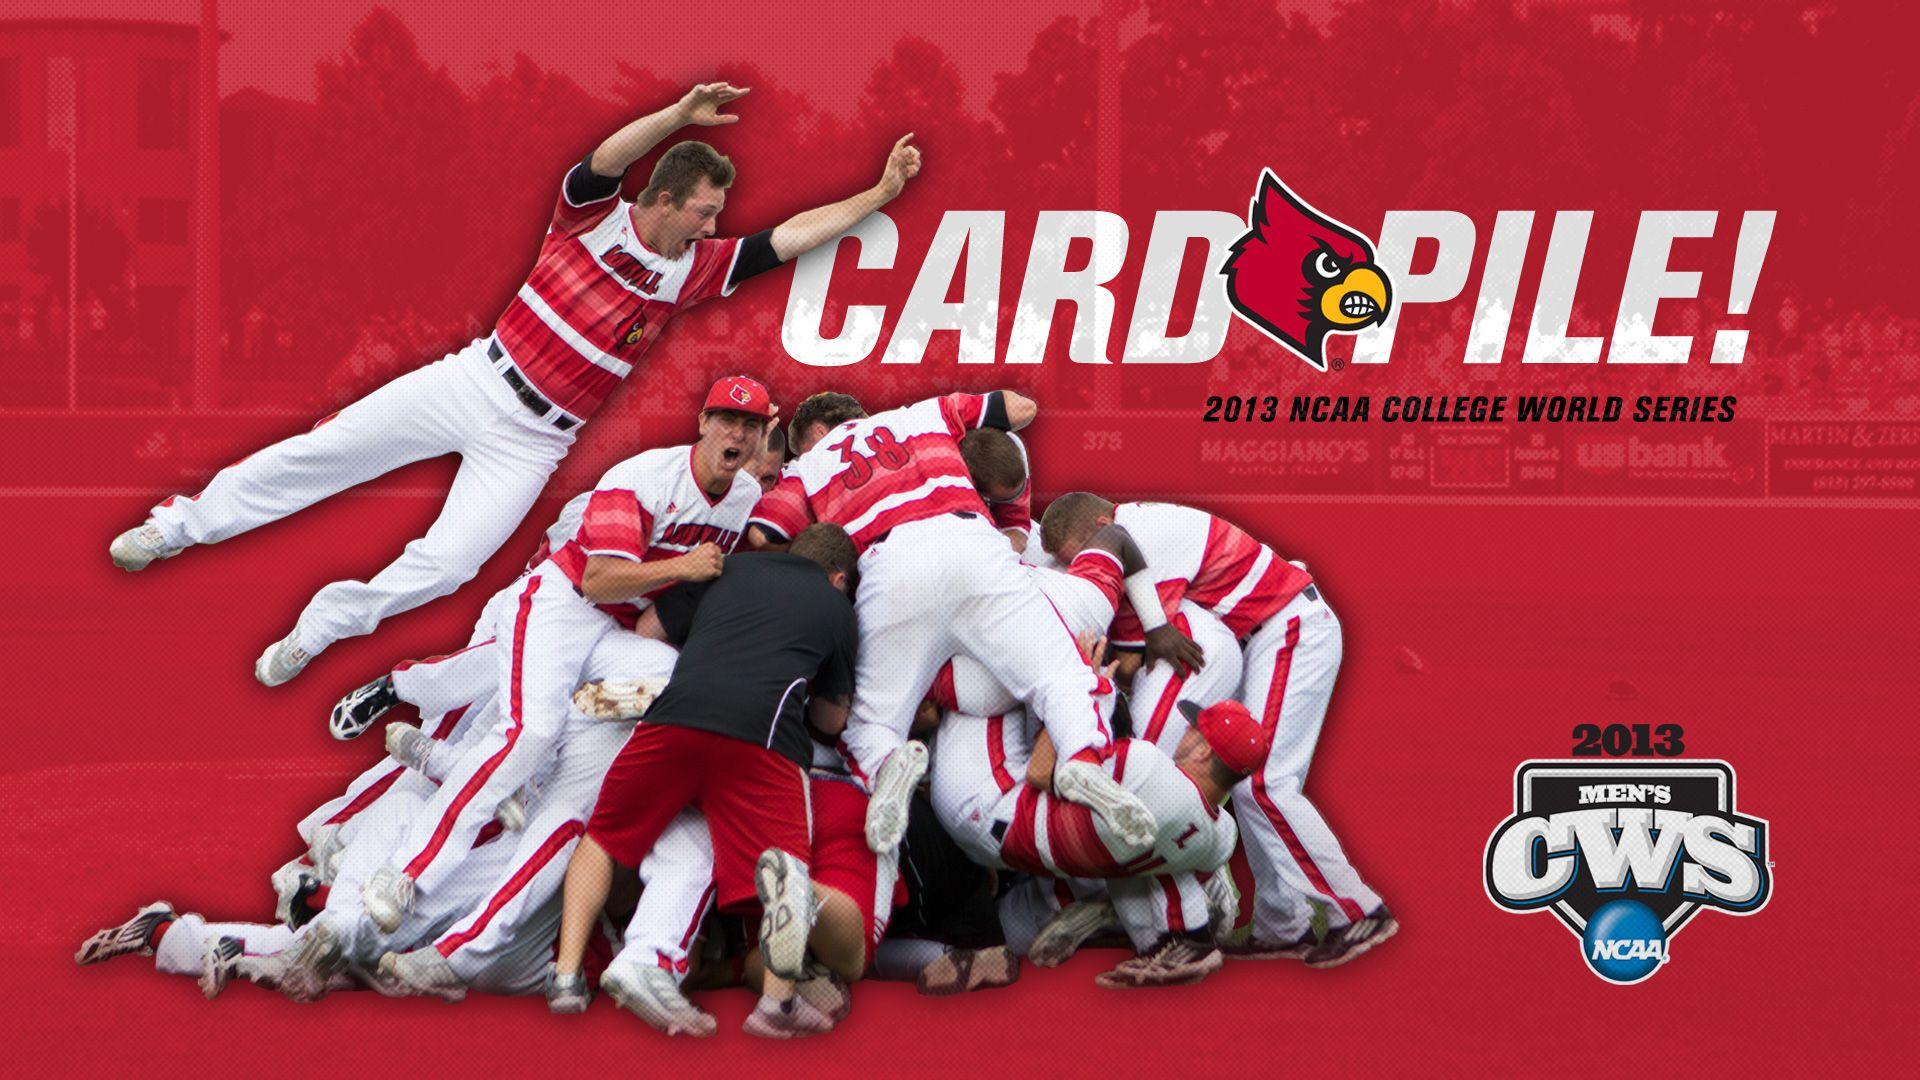 Cardinals Baseball Team Cardinals Baseball uk